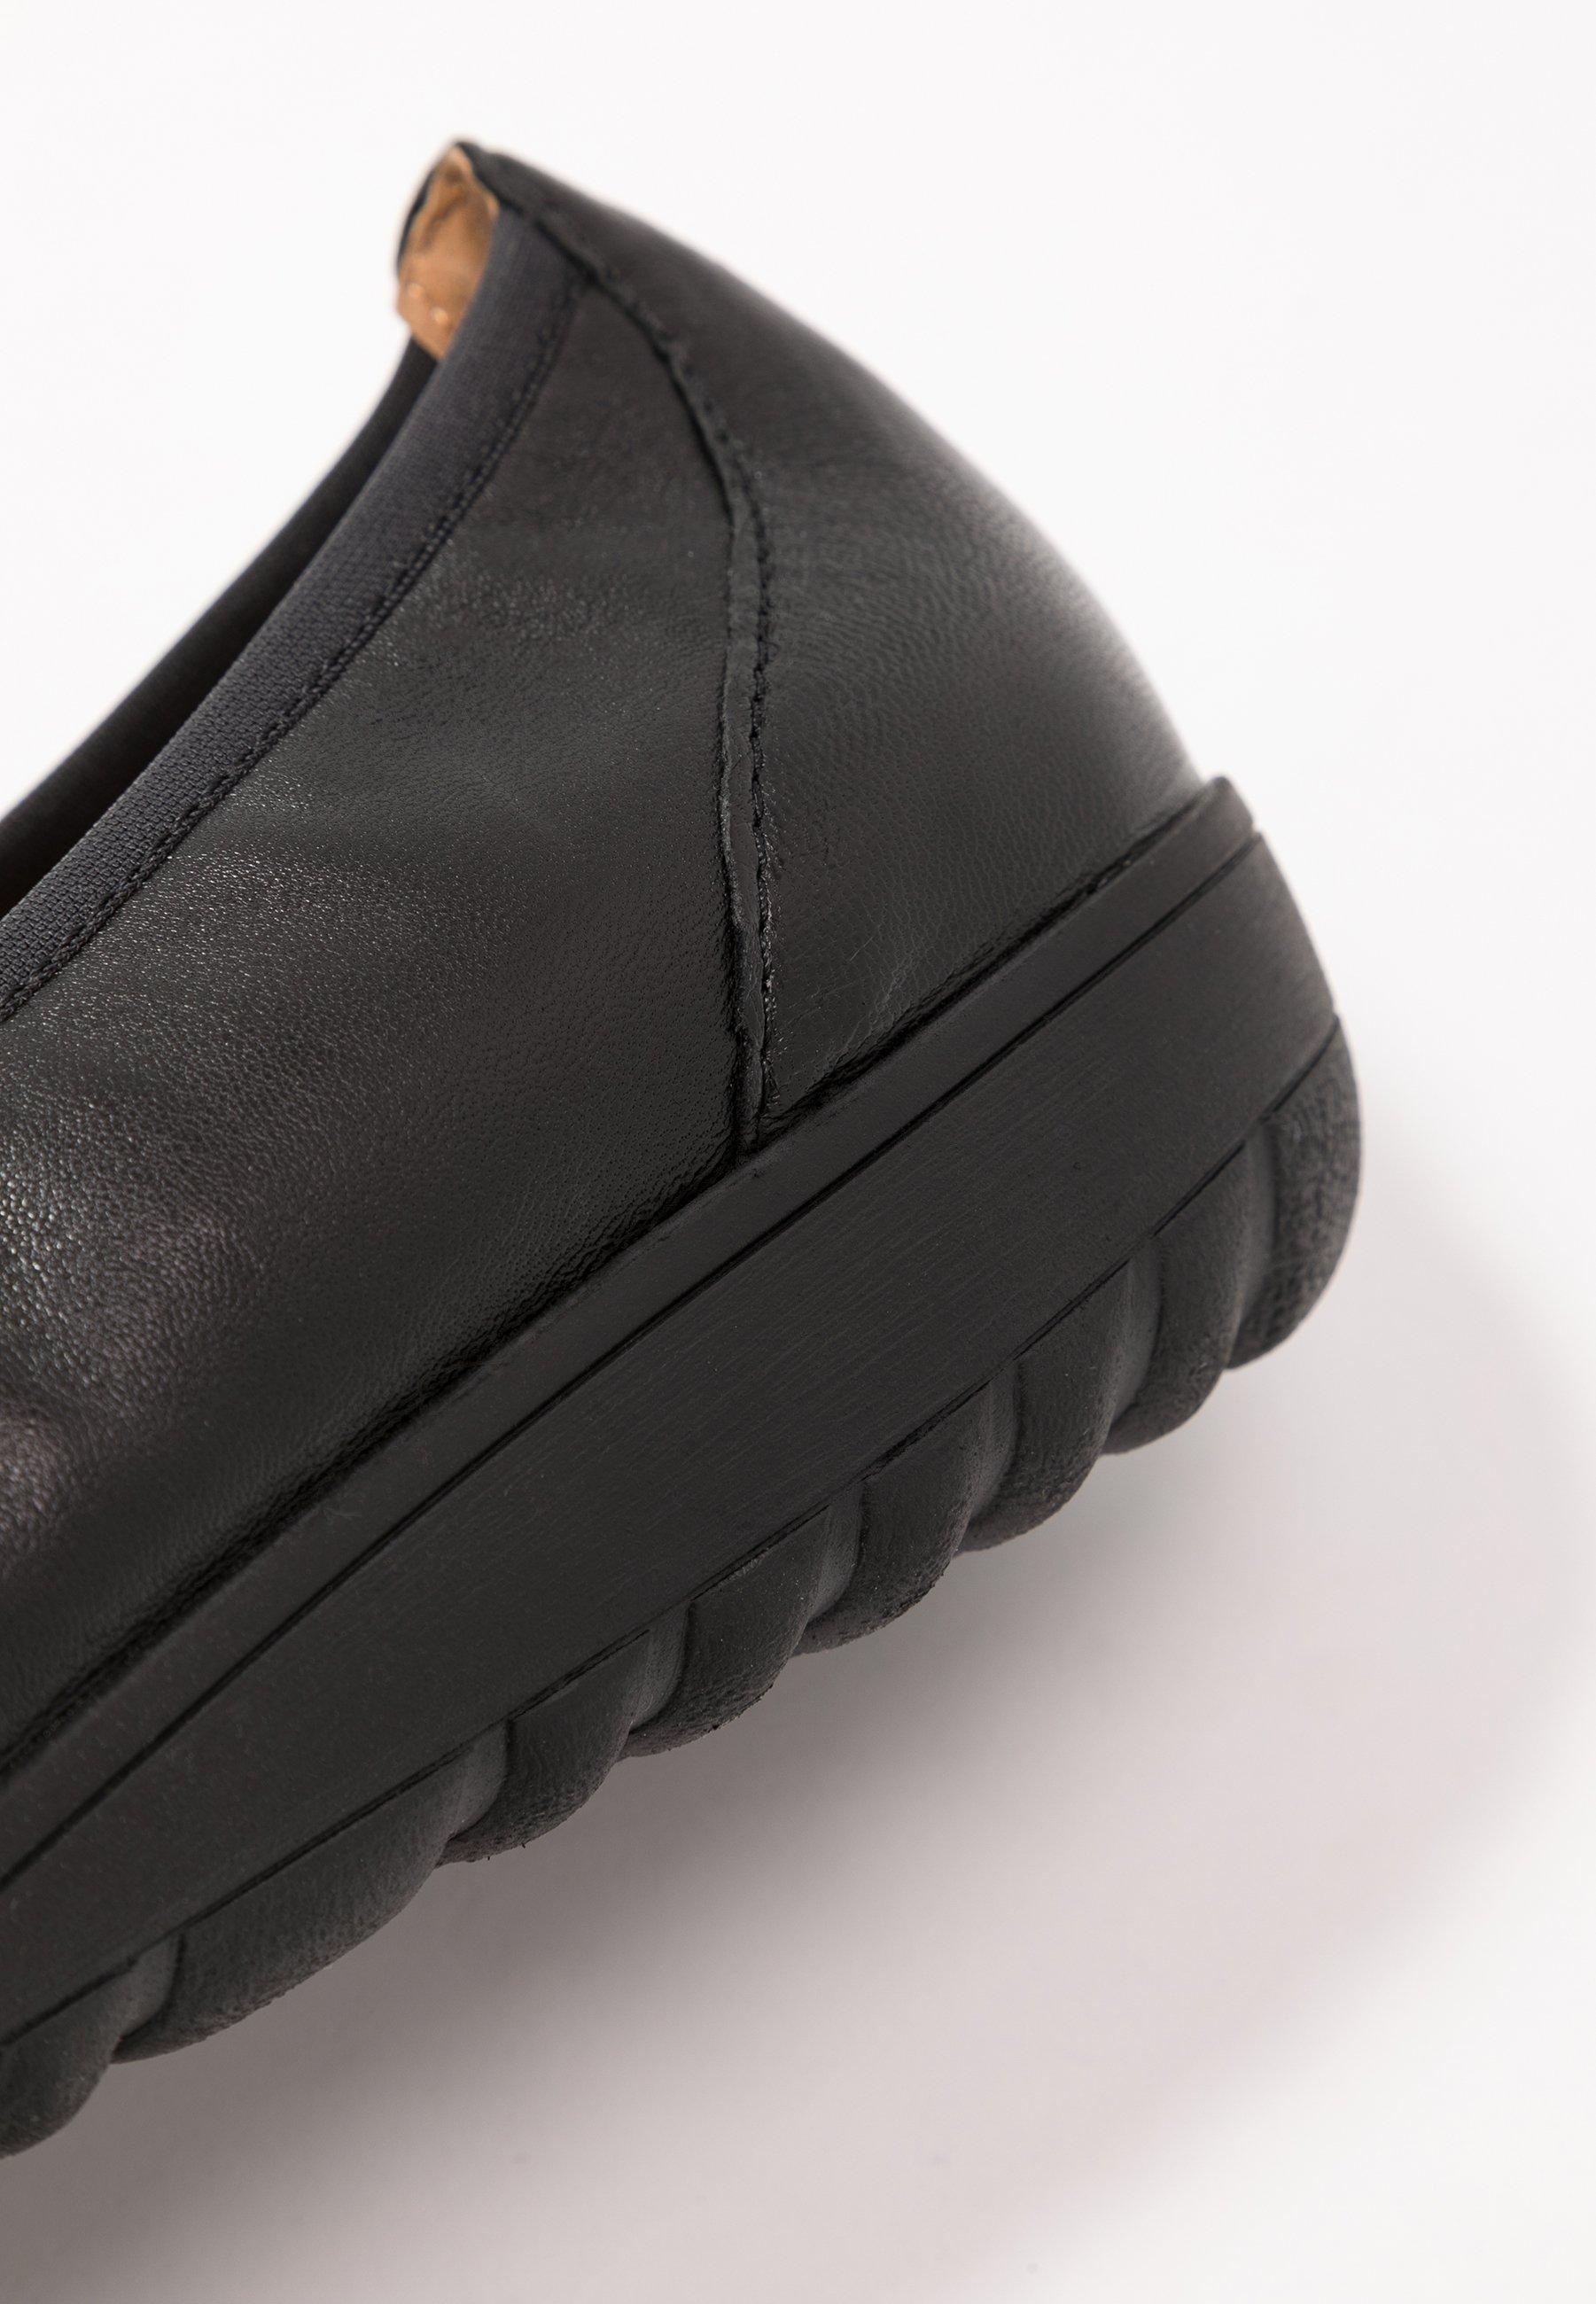 Caprice Ballerine - black - Scarpe da donna Freddo